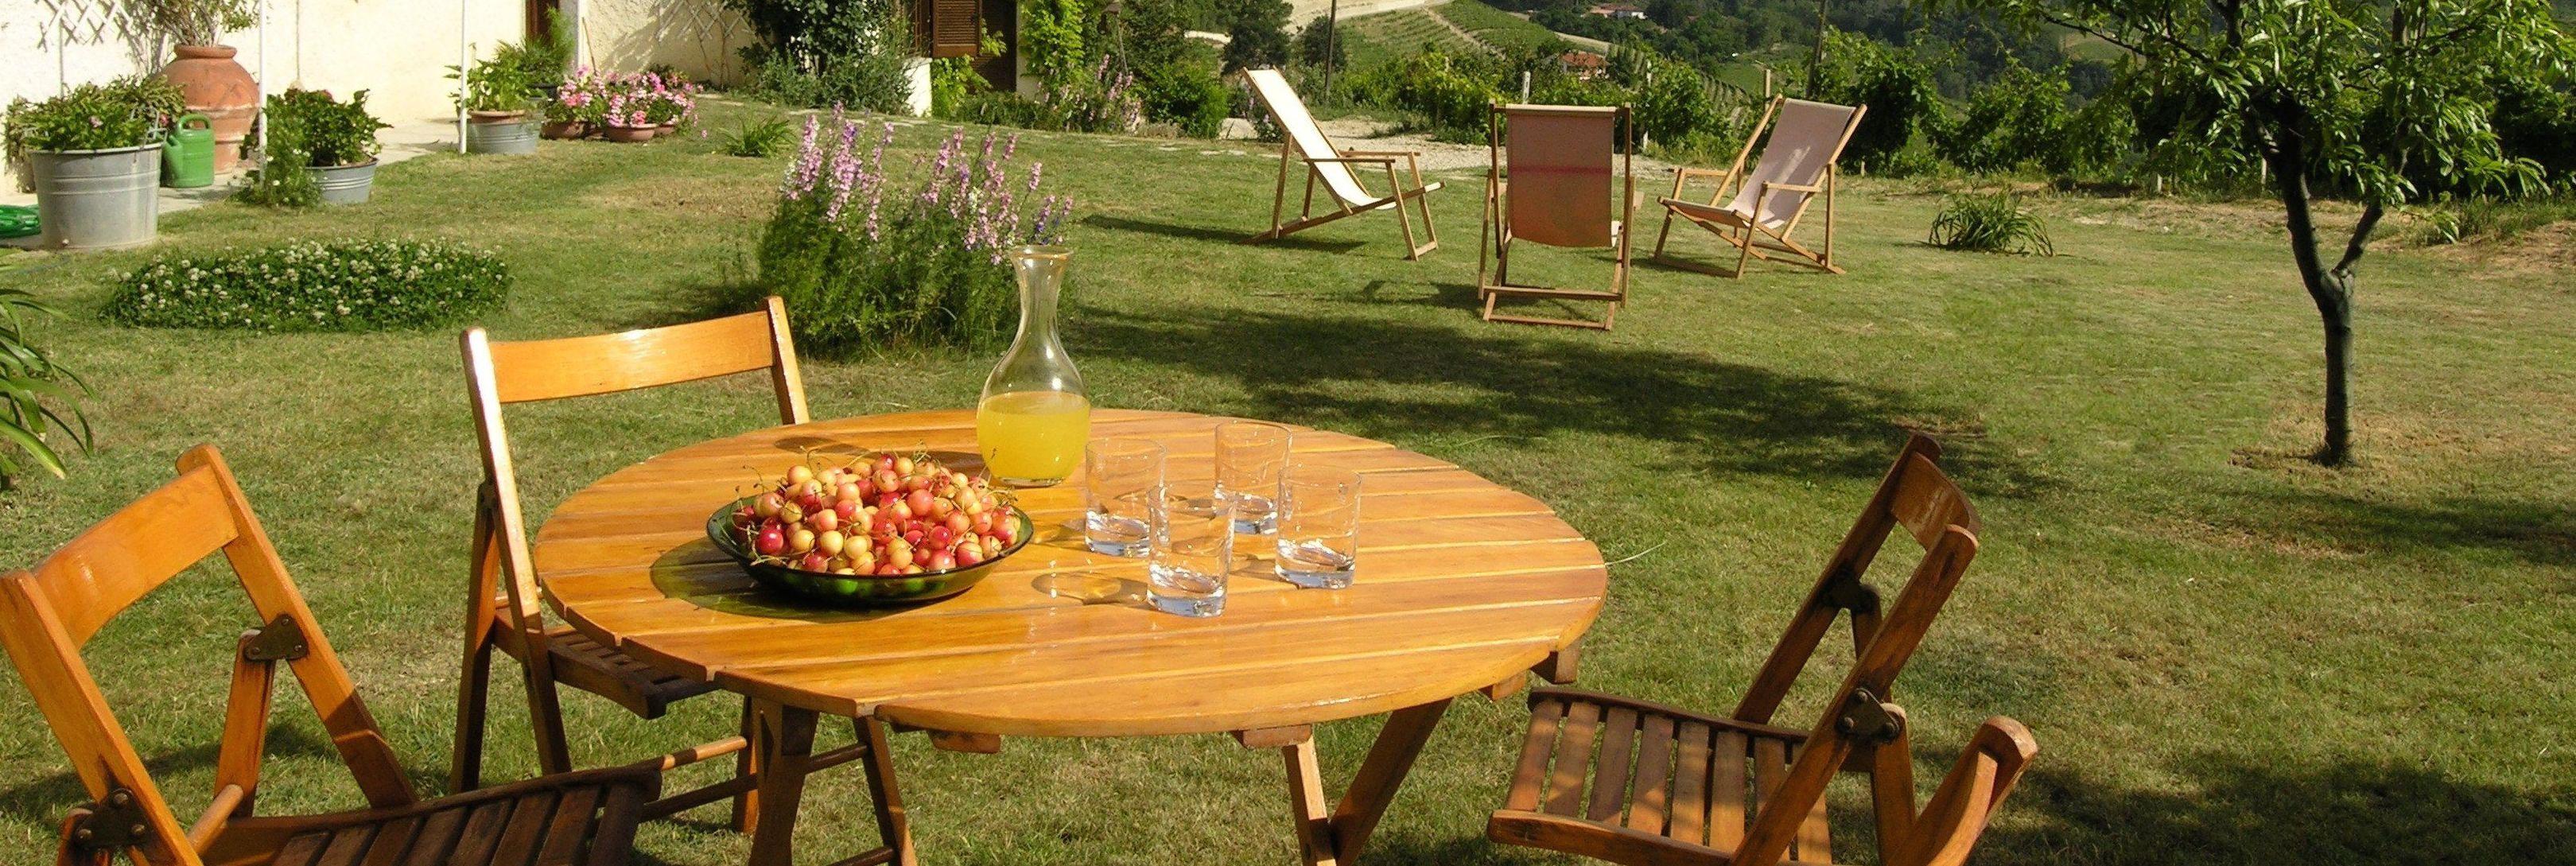 Cascina Bricchetto Garden